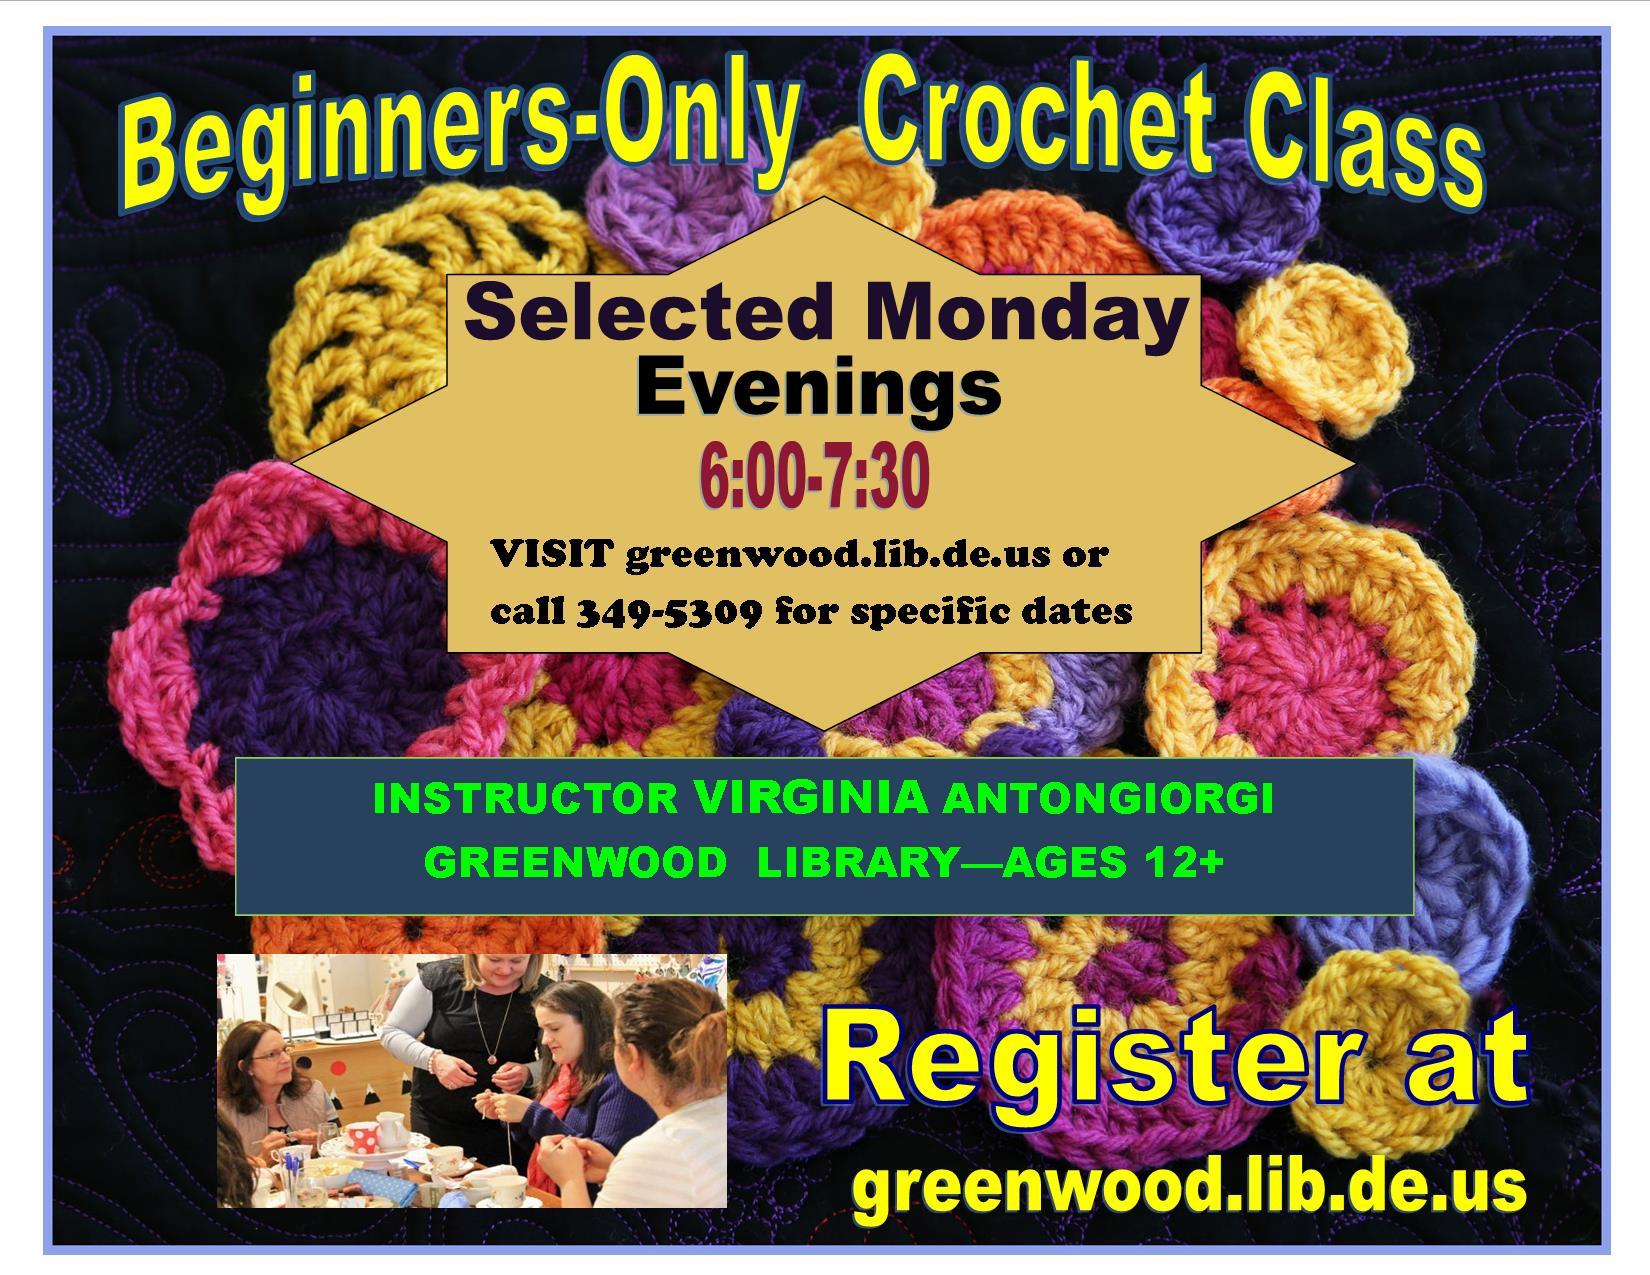 Beginner's Crochet Class